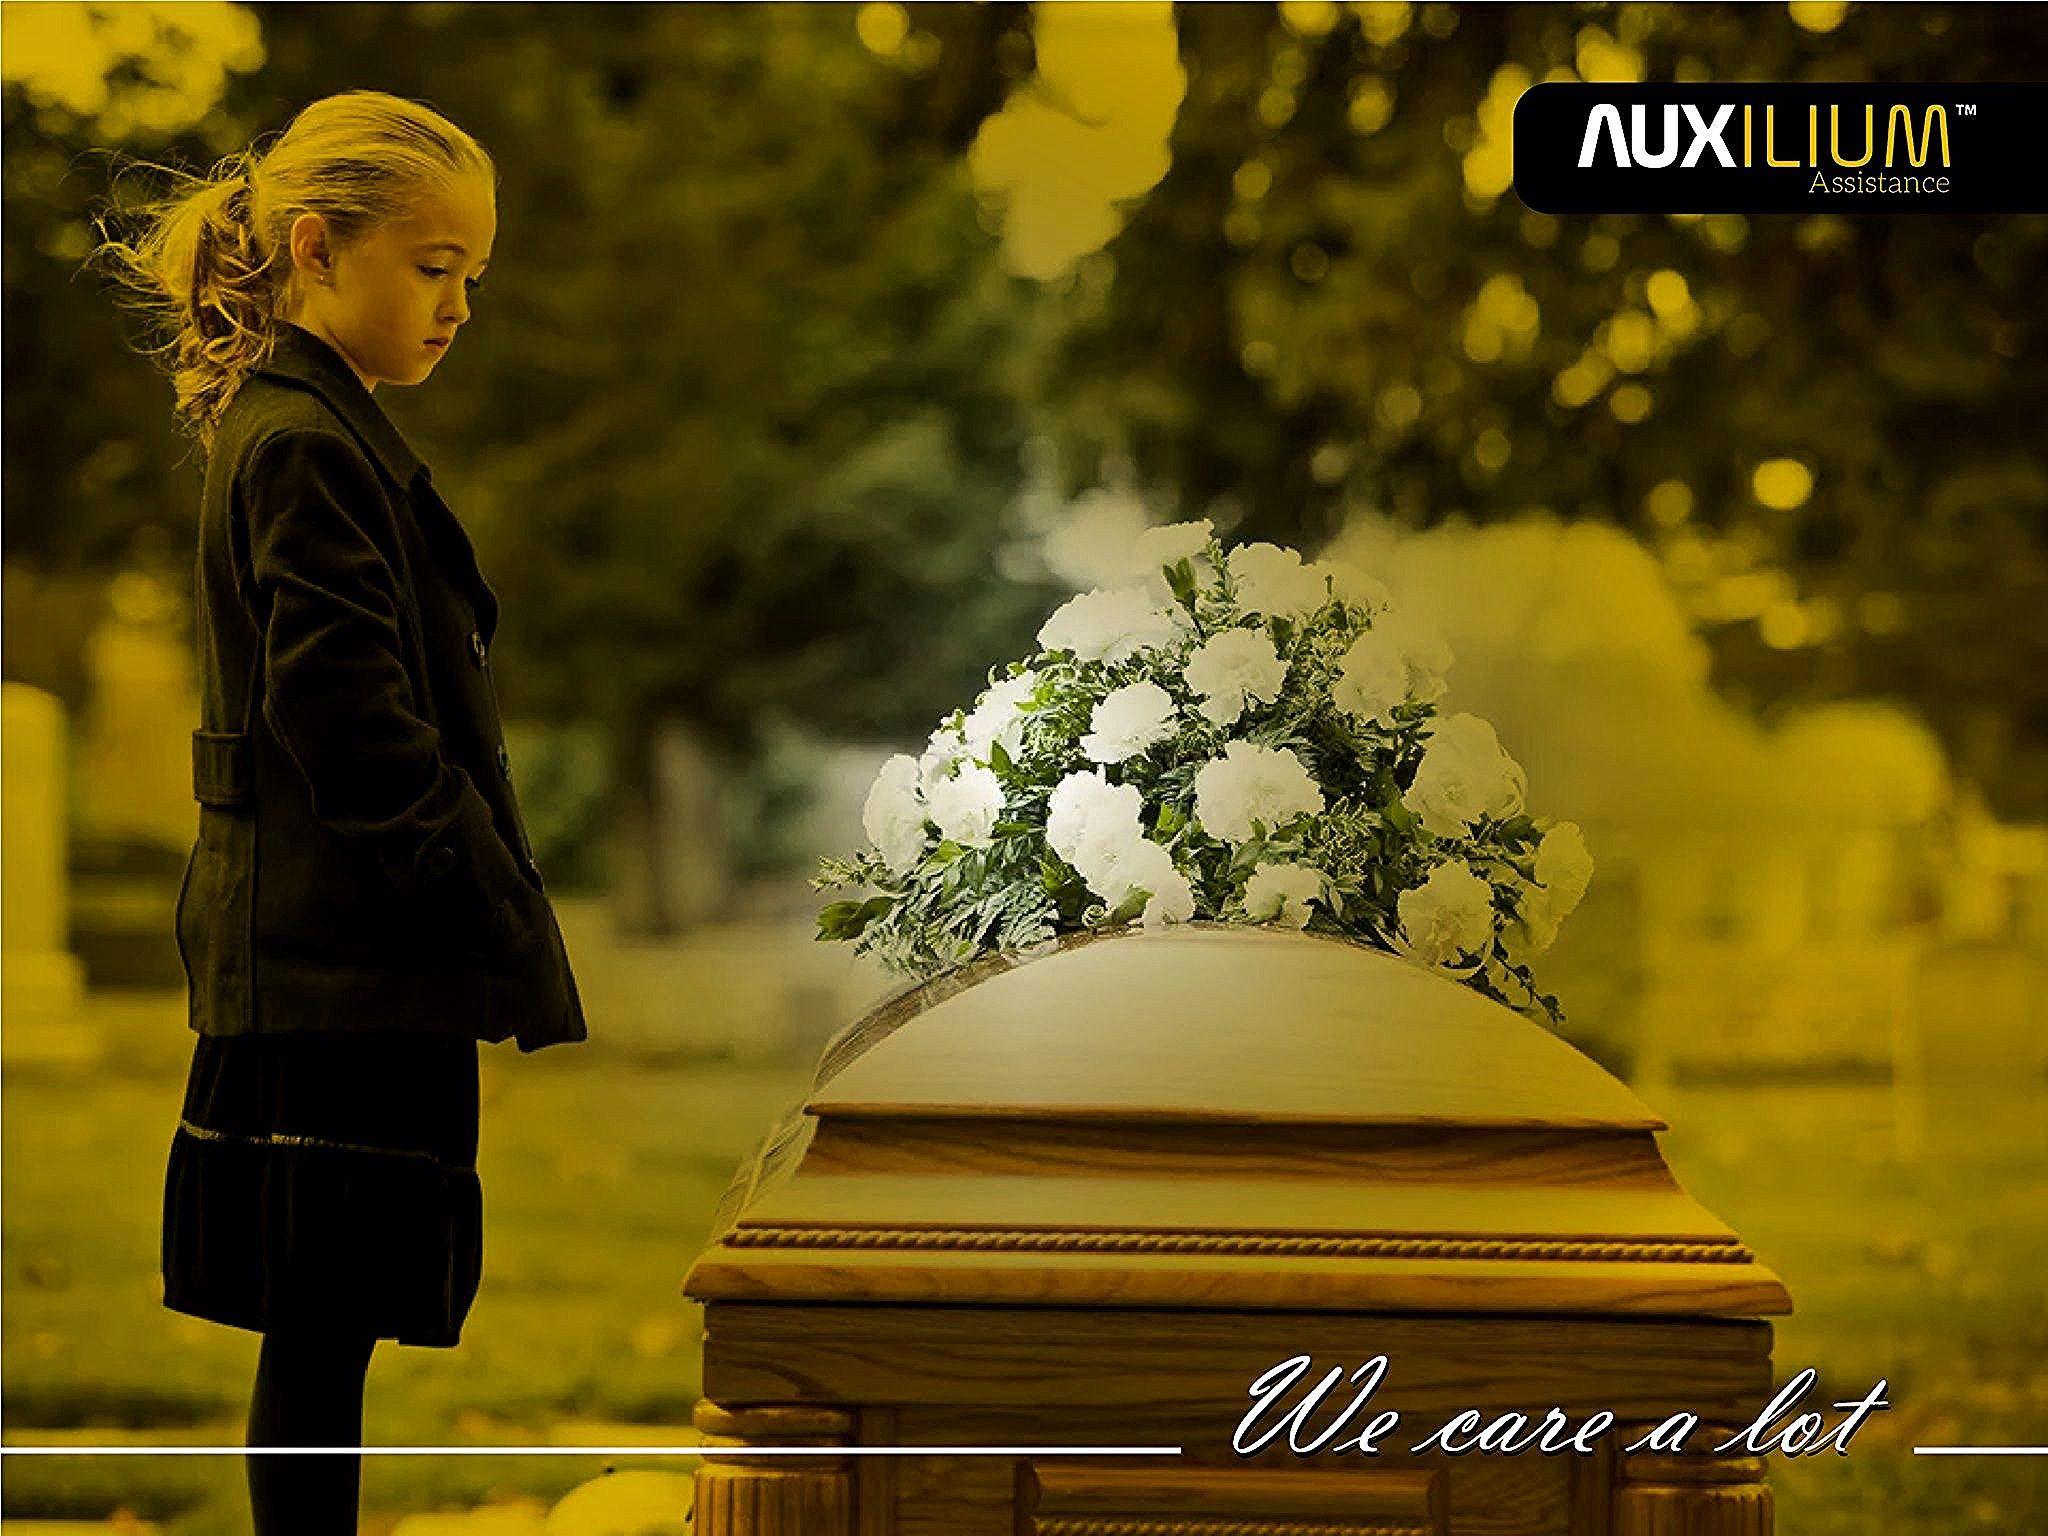 Funeralflowers Funeralservice Funeraldirector Funerals Funeralhome Funeraldoom Funeraltribute Funeralsdontc Funeral Funeral Services Funeral Planning